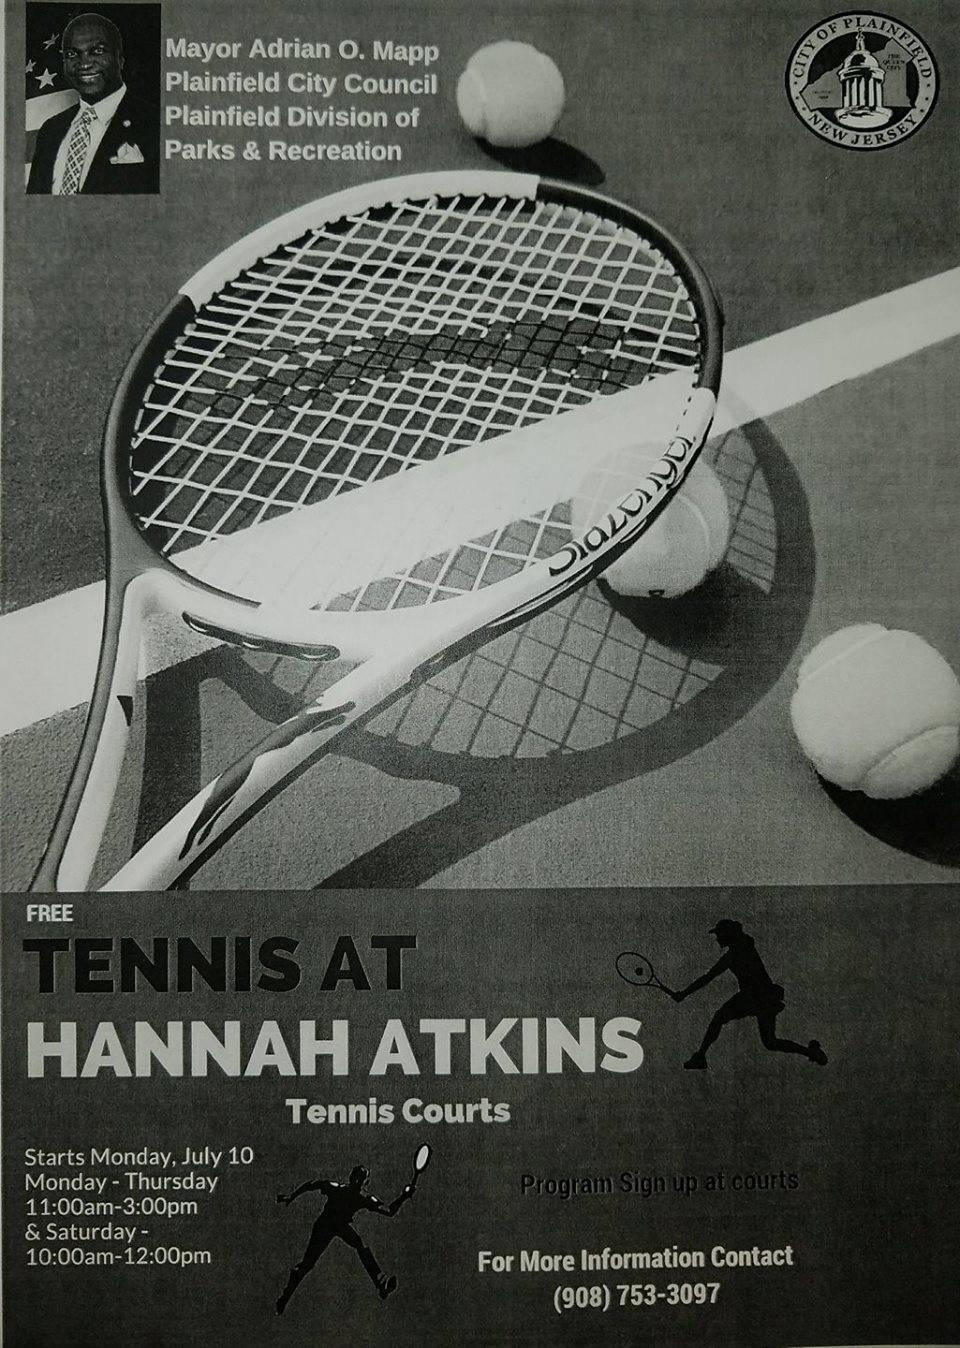 b1170d7570664b52c700_Tennis.jpg